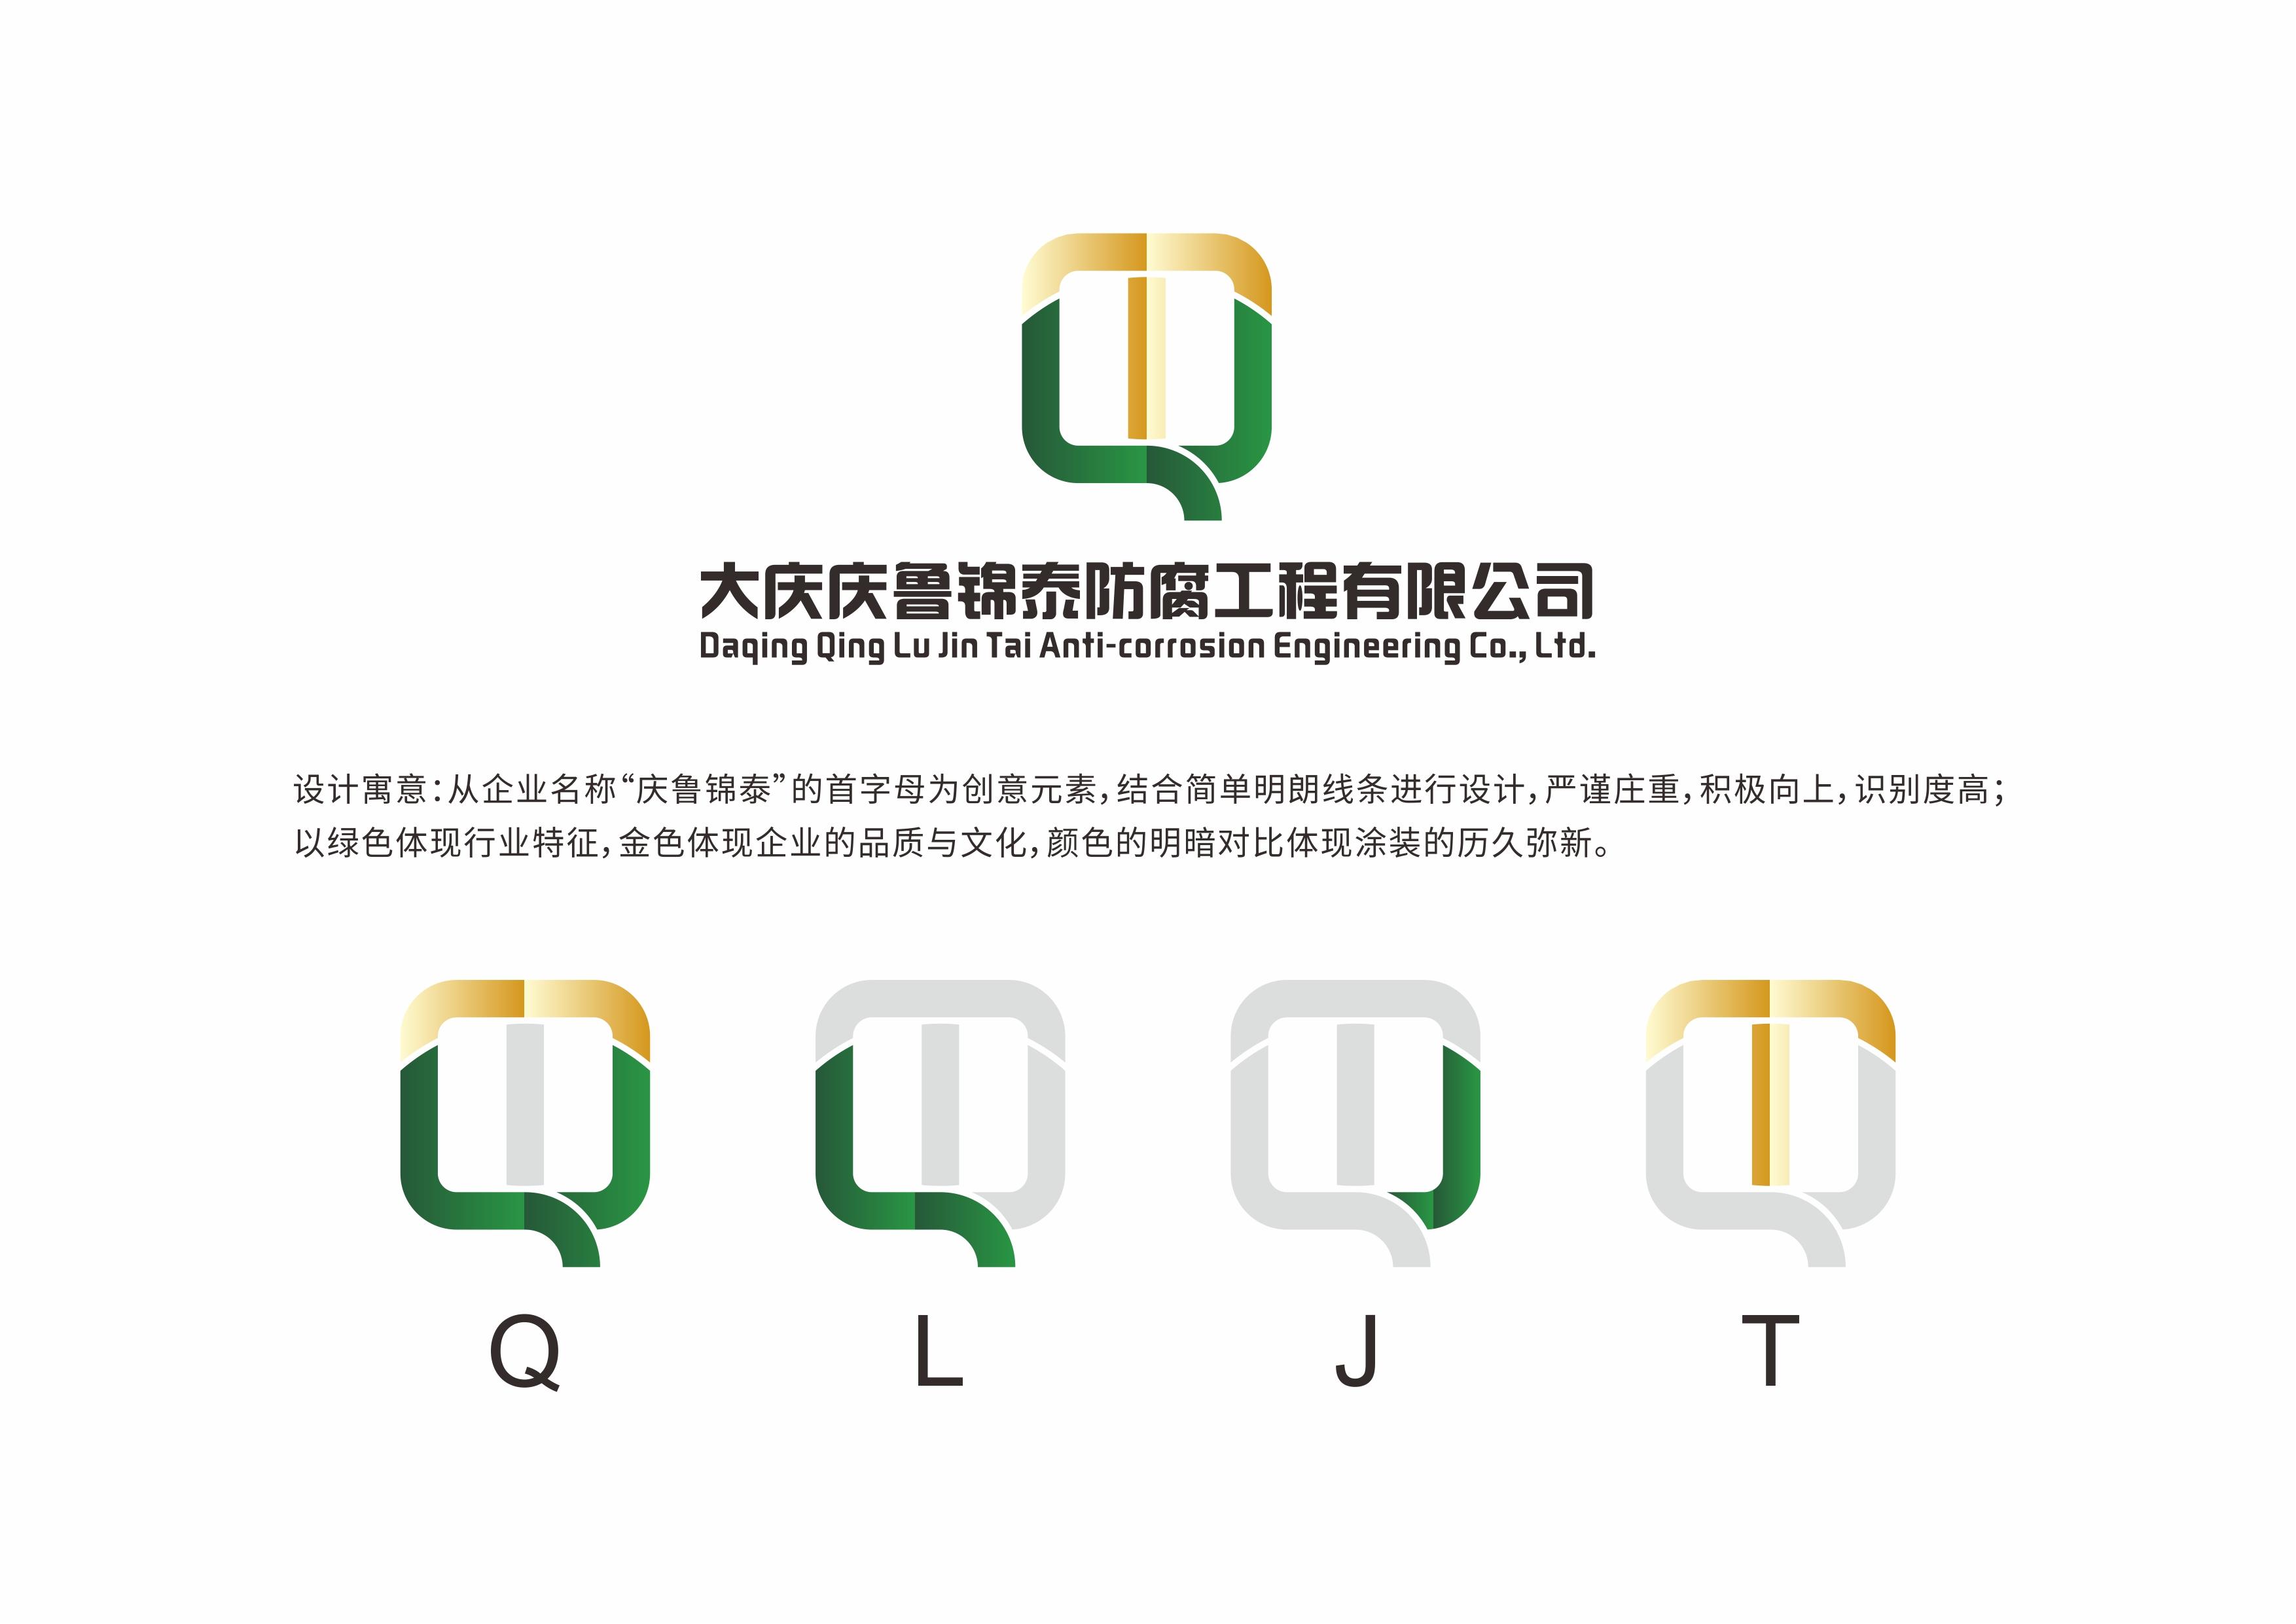 防腐科技公司LOGO设计_3032777_k68威客网